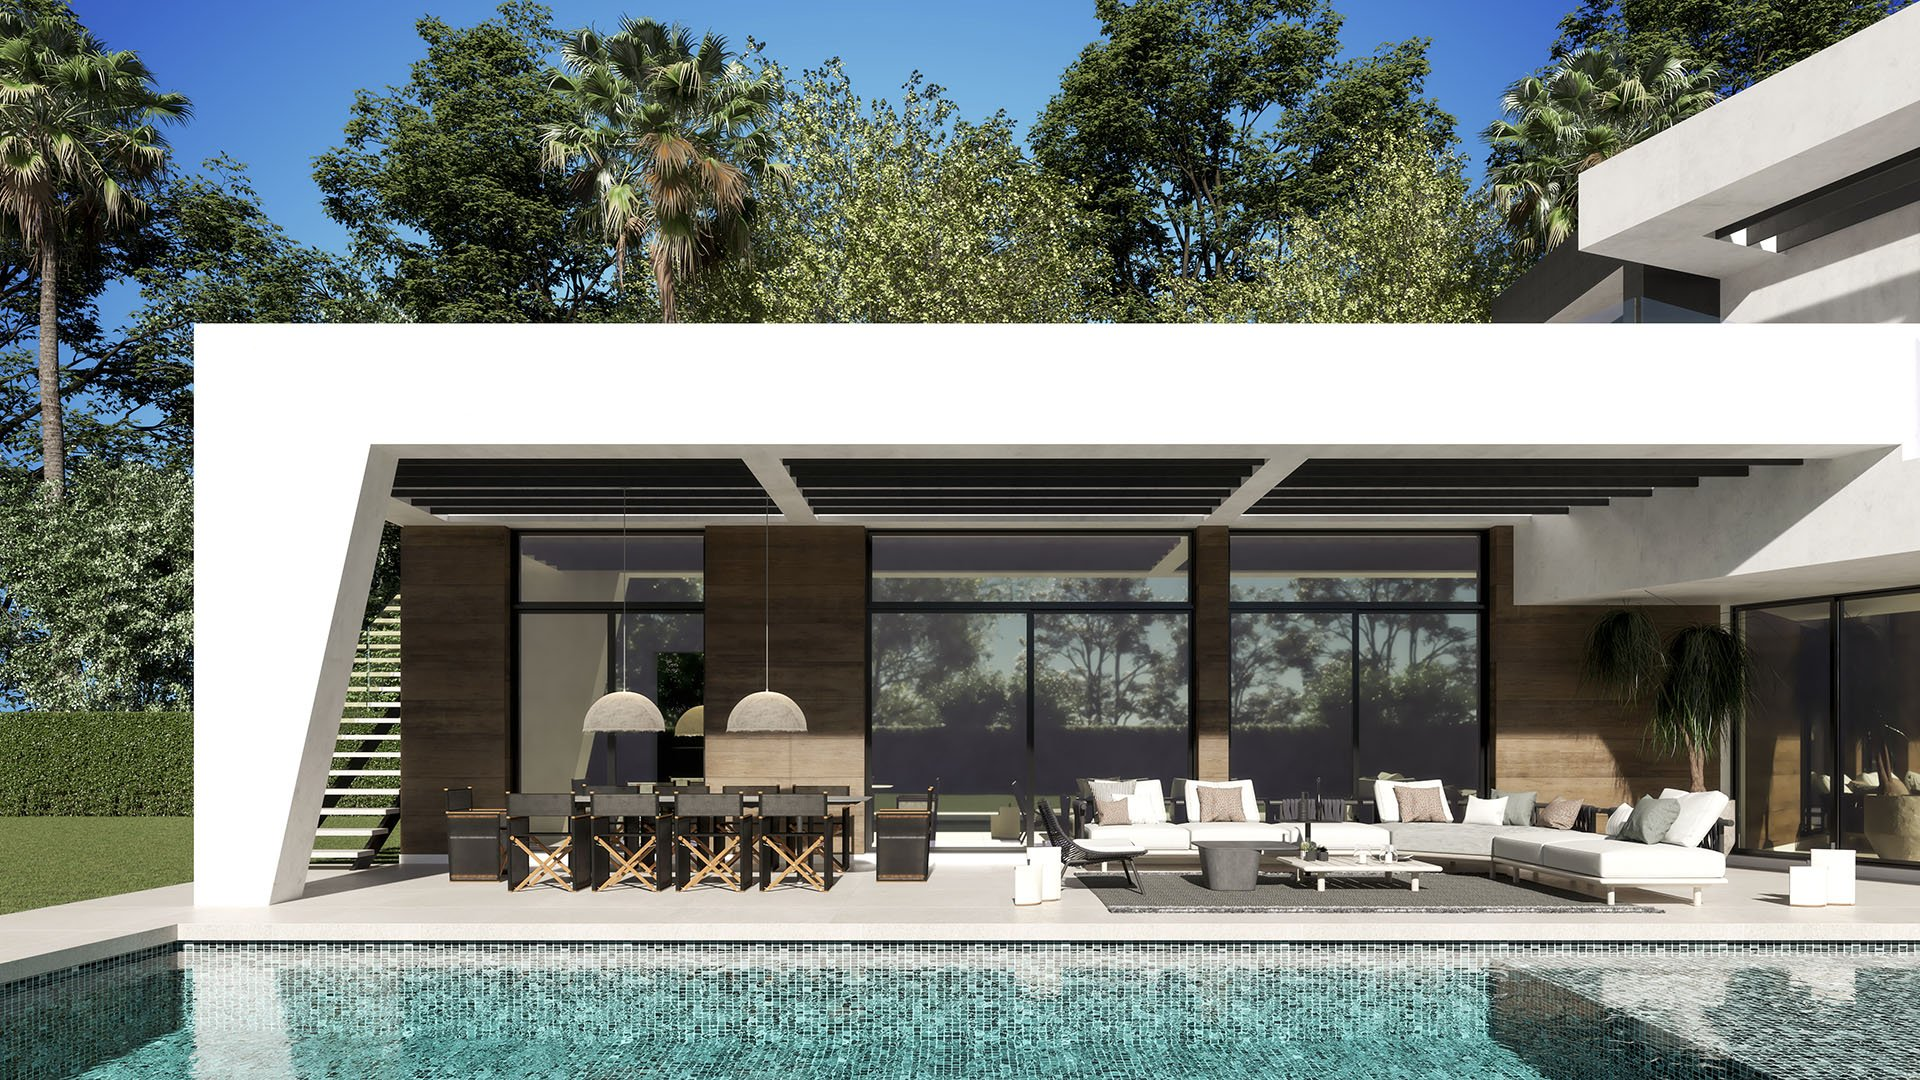 Villa Guadalmina Baja 197: Luxe villa op wandelafstand van het strand en voorzieningen